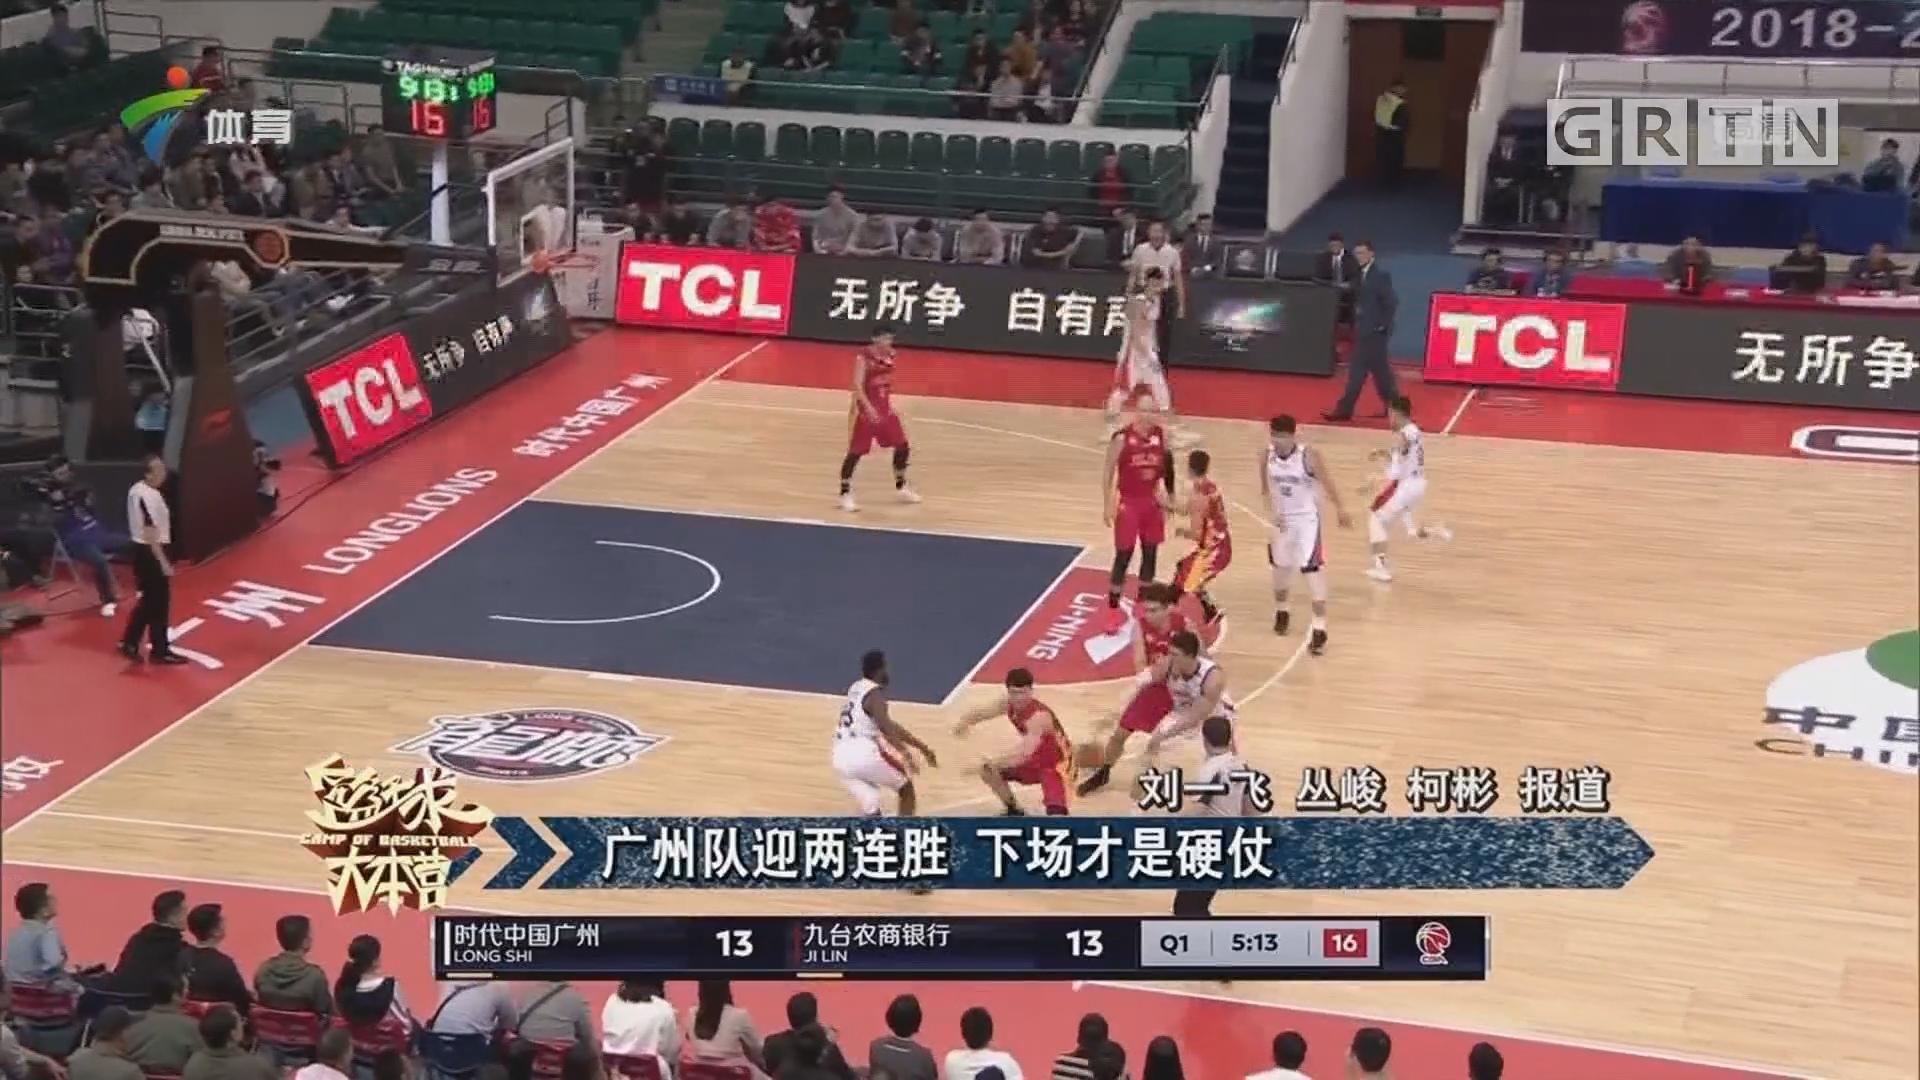 广州队迎两连胜 下场才是硬仗